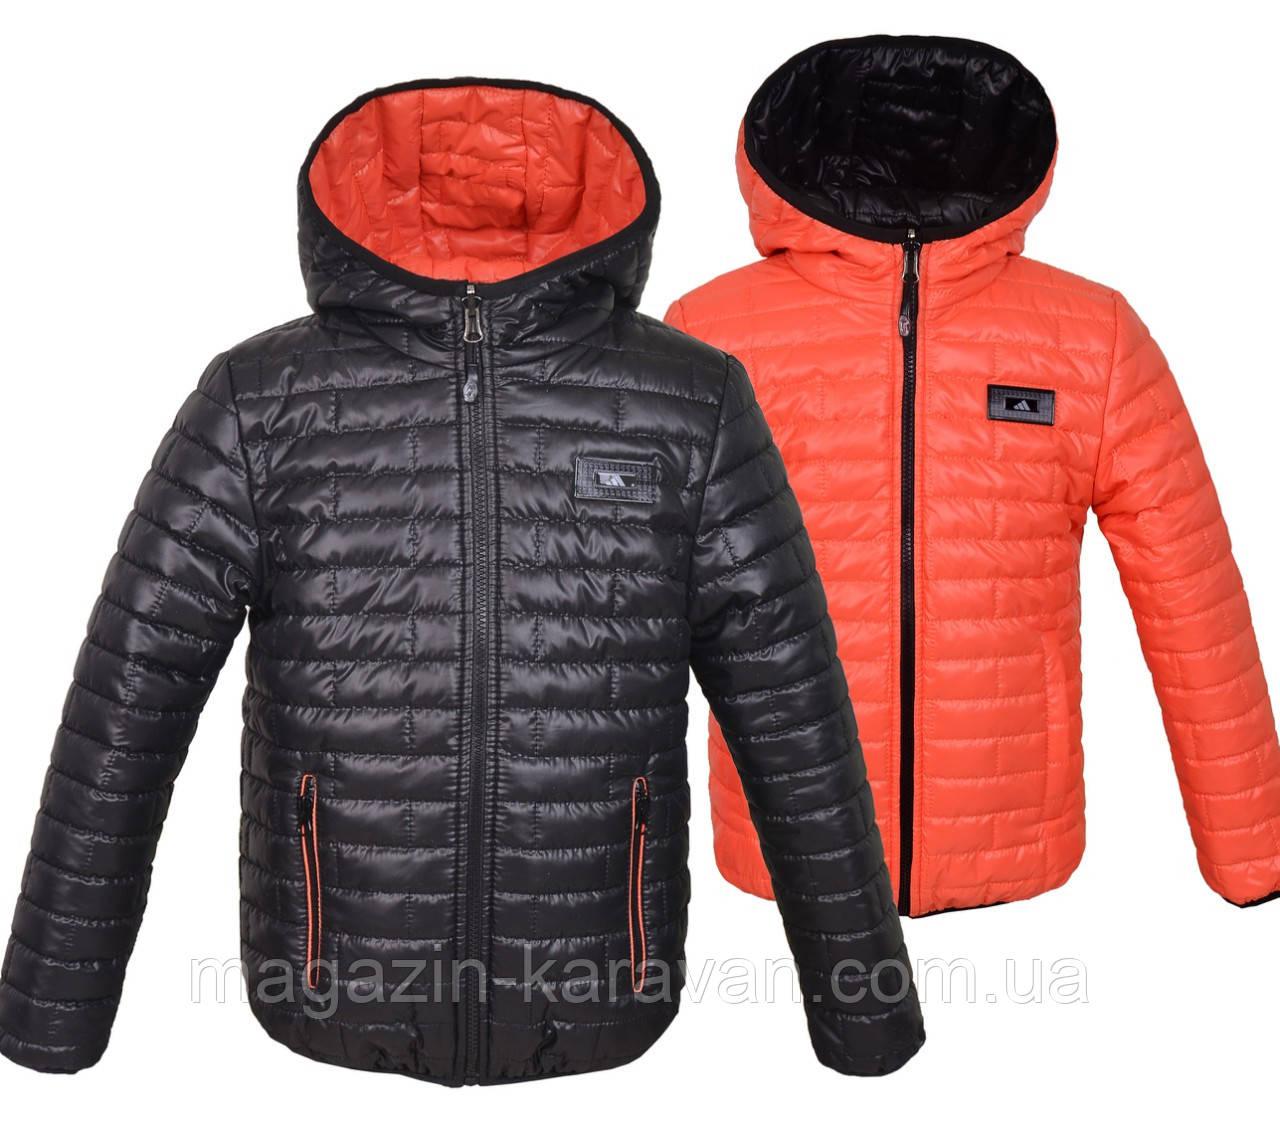 Двусторонняя детская куртка